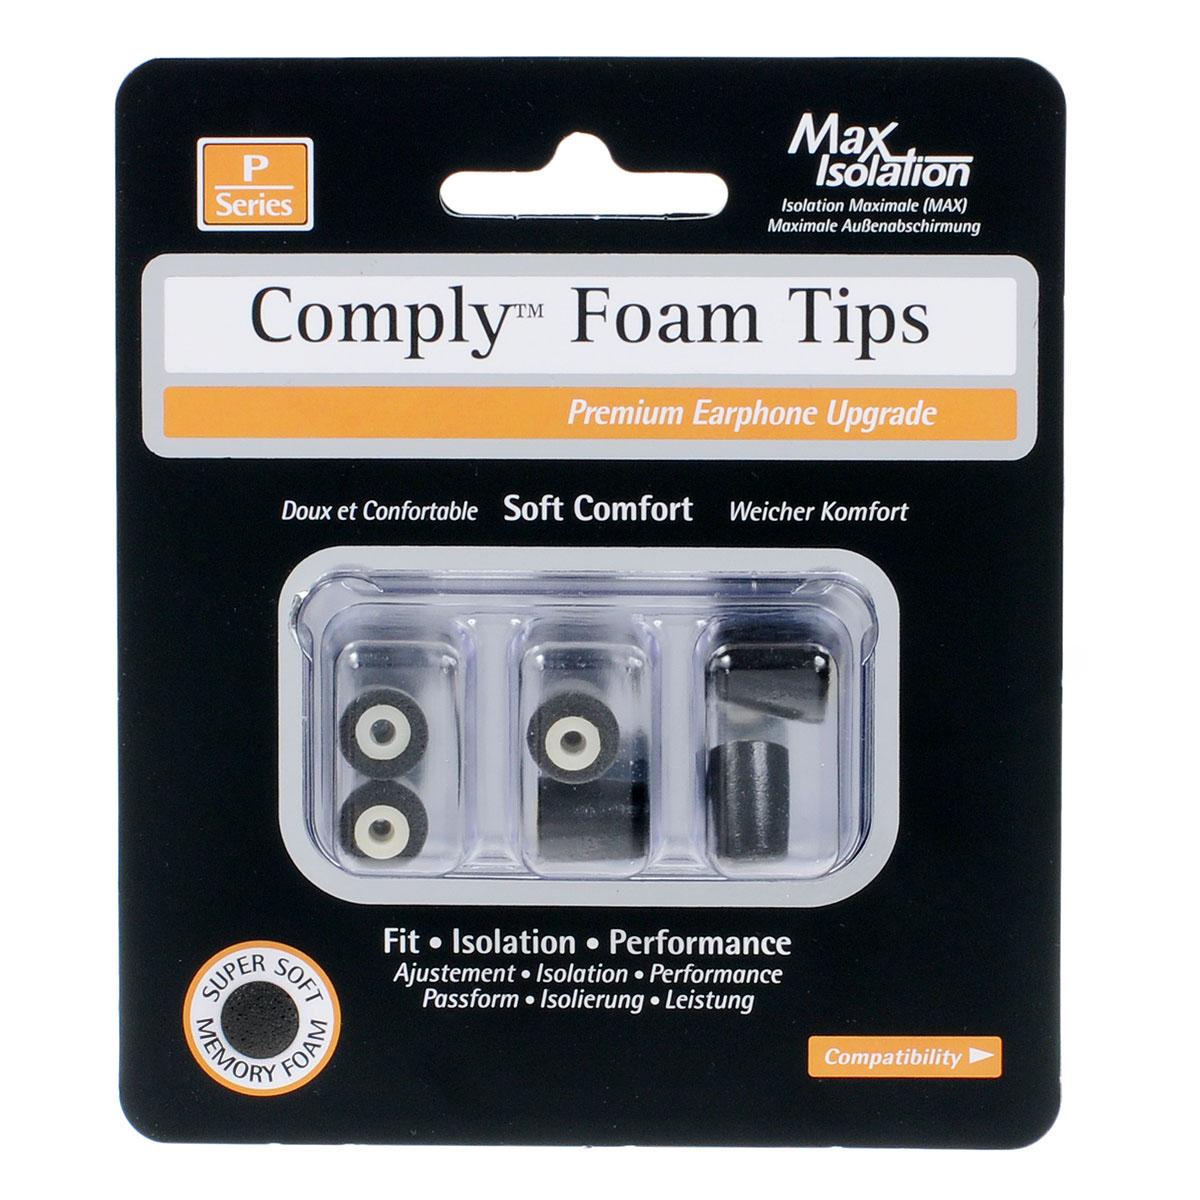 Comply P-Series P-100 Small, Black амбушюры для наушников (3 пары)15117920Сменные амбушюры Comply P-100 для внутриканальных наушников изготовлены из полиуретановой пены и термопластичного эластомера. Активным слушателям они гарантируют индивидуальную посадку в ушном канале, комфортное использование в течение всего дня, а также превосходное качество звука без внешних помех. Эти амбушюры изготовлены из прочных материалов и аккуратно растягиваются, чтобы принять форму ушного канала. Они обладают индивидуальной посадкой и прекрасно удерживаются внутри уха, поэтому ваши наушники всегда в целости и сохранности вне зависимости от того, находитесь ли вы на улице или внутри помещения. Также эти амбушюры позволят вам насладиться музыкой в шумных местах, не увеличивая громкость музыки на плеере. Уникальная полиуретановая пена с эффектом памяти обеспечивает круглосуточный комфорт, избавляя вас от неприятных ощущений в ушах и усталости, которые могут появляться при использовании ушных вкладышей, идущих в комплекте с наушниками. В...